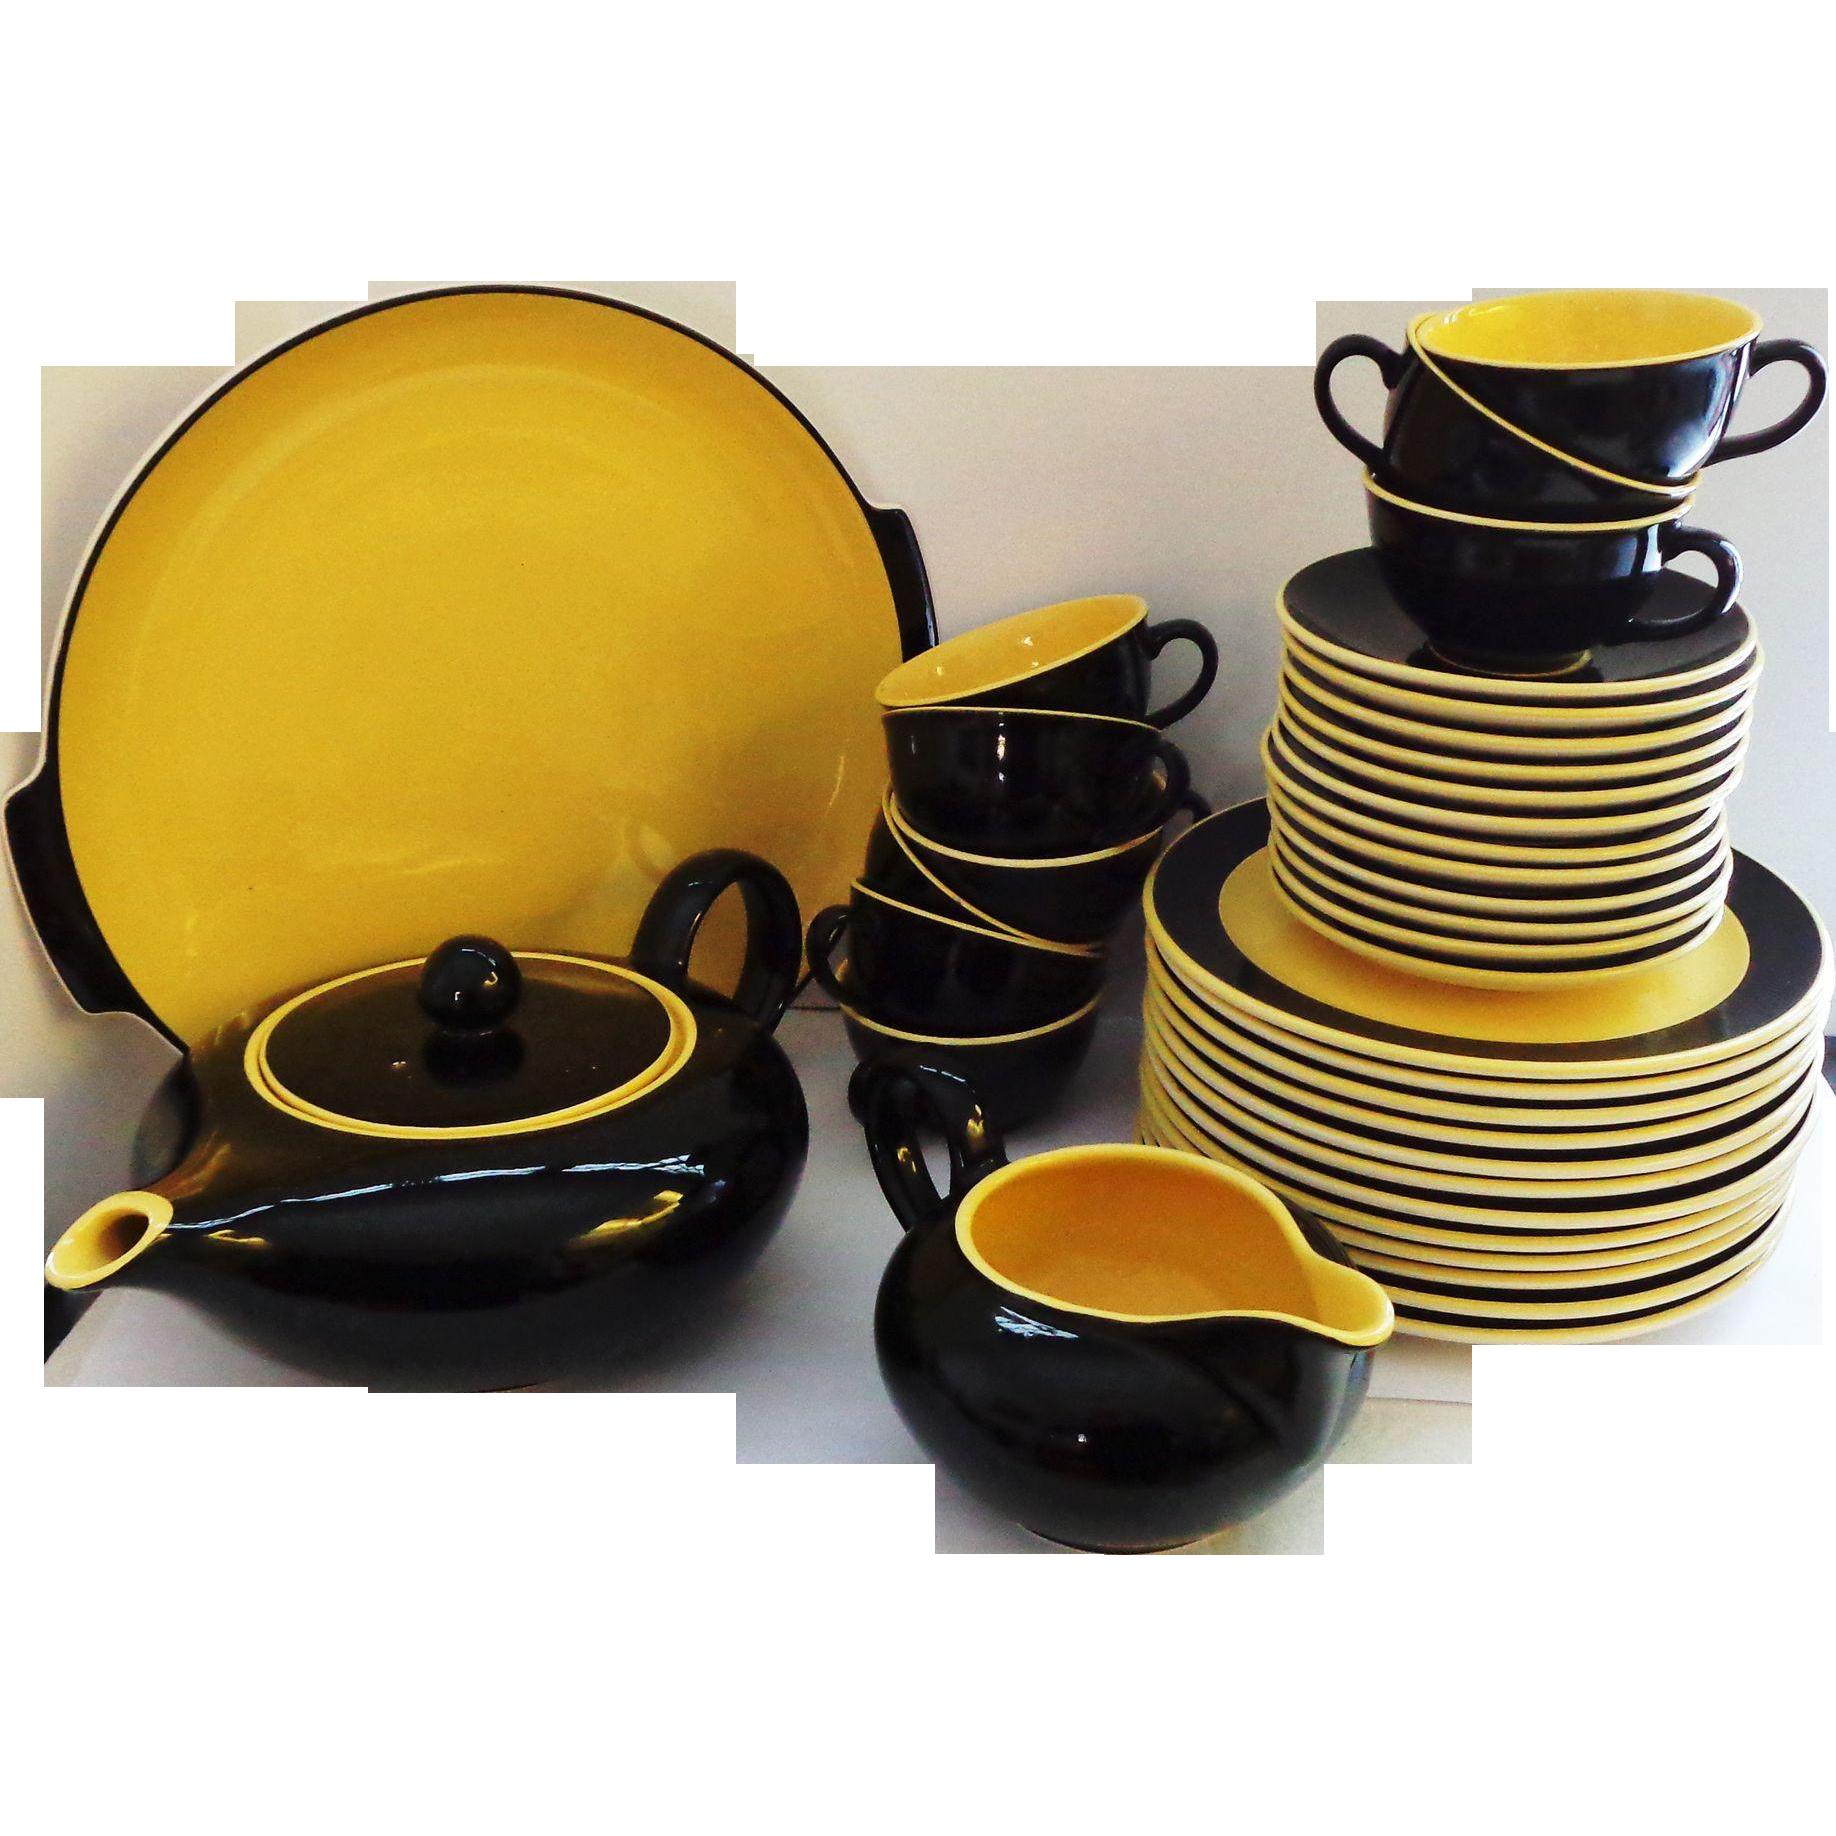 Villeroy & Boch Teapot Set - Biarritz Dessert Set